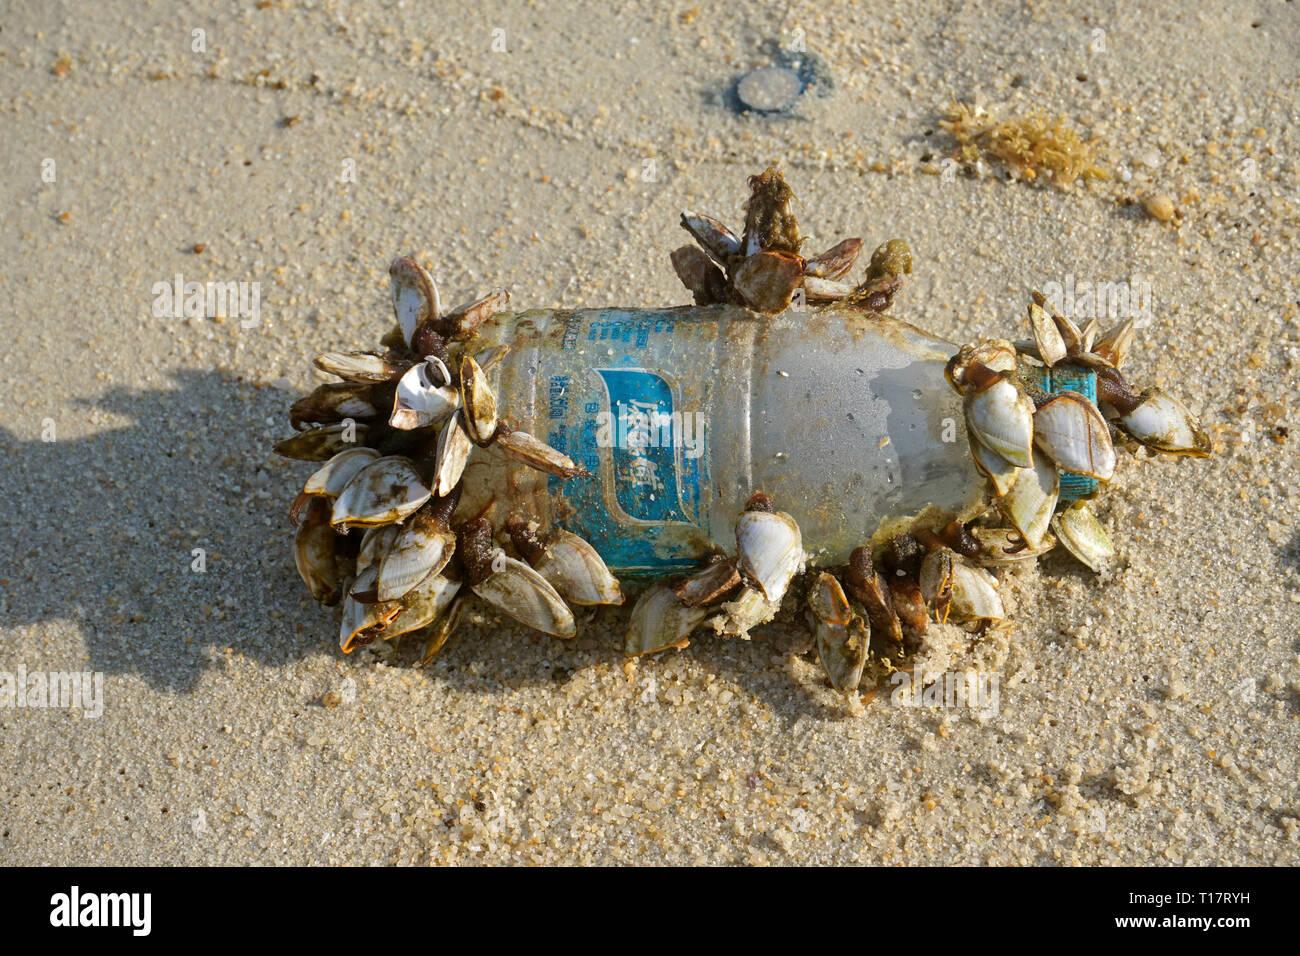 Percebes (Pedunculata) en una botella de plástico, se lavan en Lamai Beach, Koh Samui, en el Golfo de Tailandia, Tailandia Foto de stock